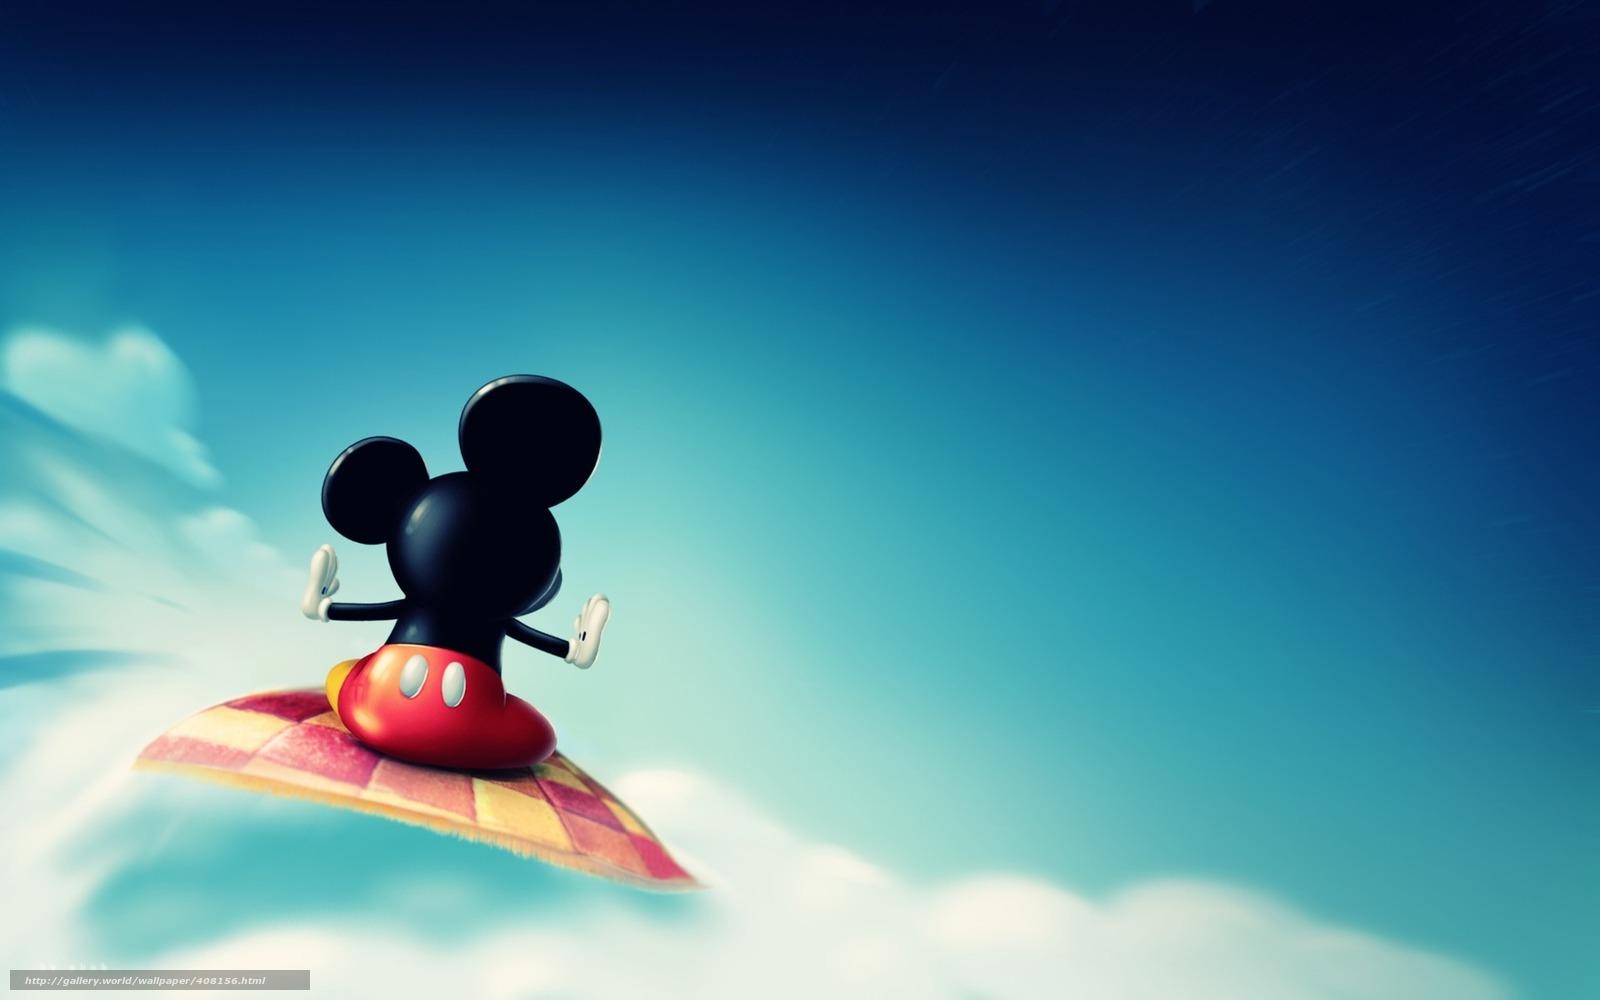 Download Hintergrund Wolke, Mickey Mouse, Flug. Freie ...